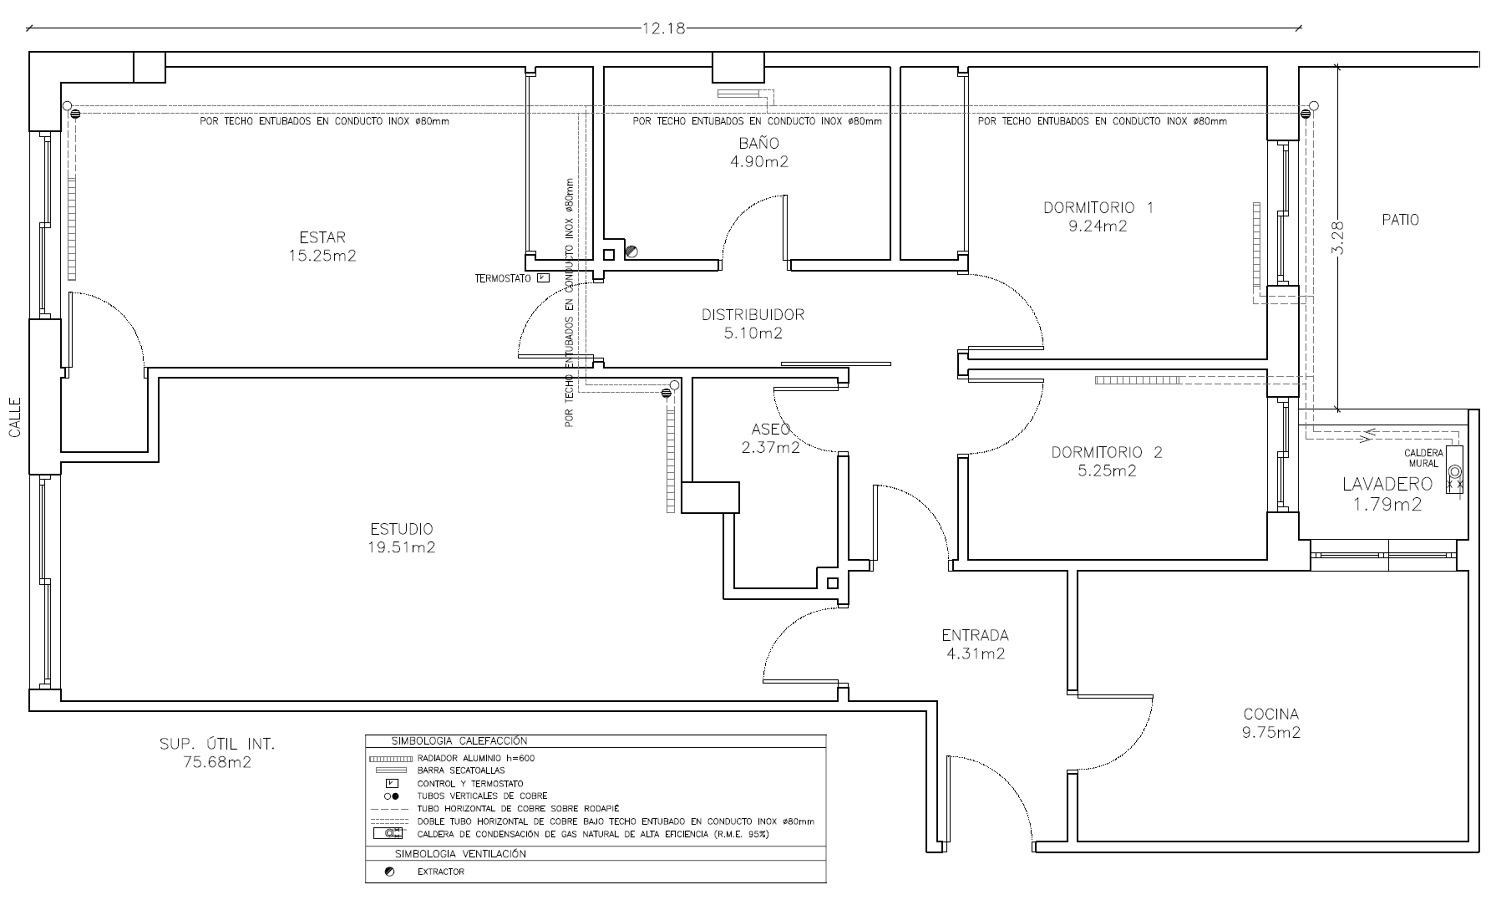 Presupuesto de instalaci n de calefacci n y acs para piso - Calefaccion para un piso ...